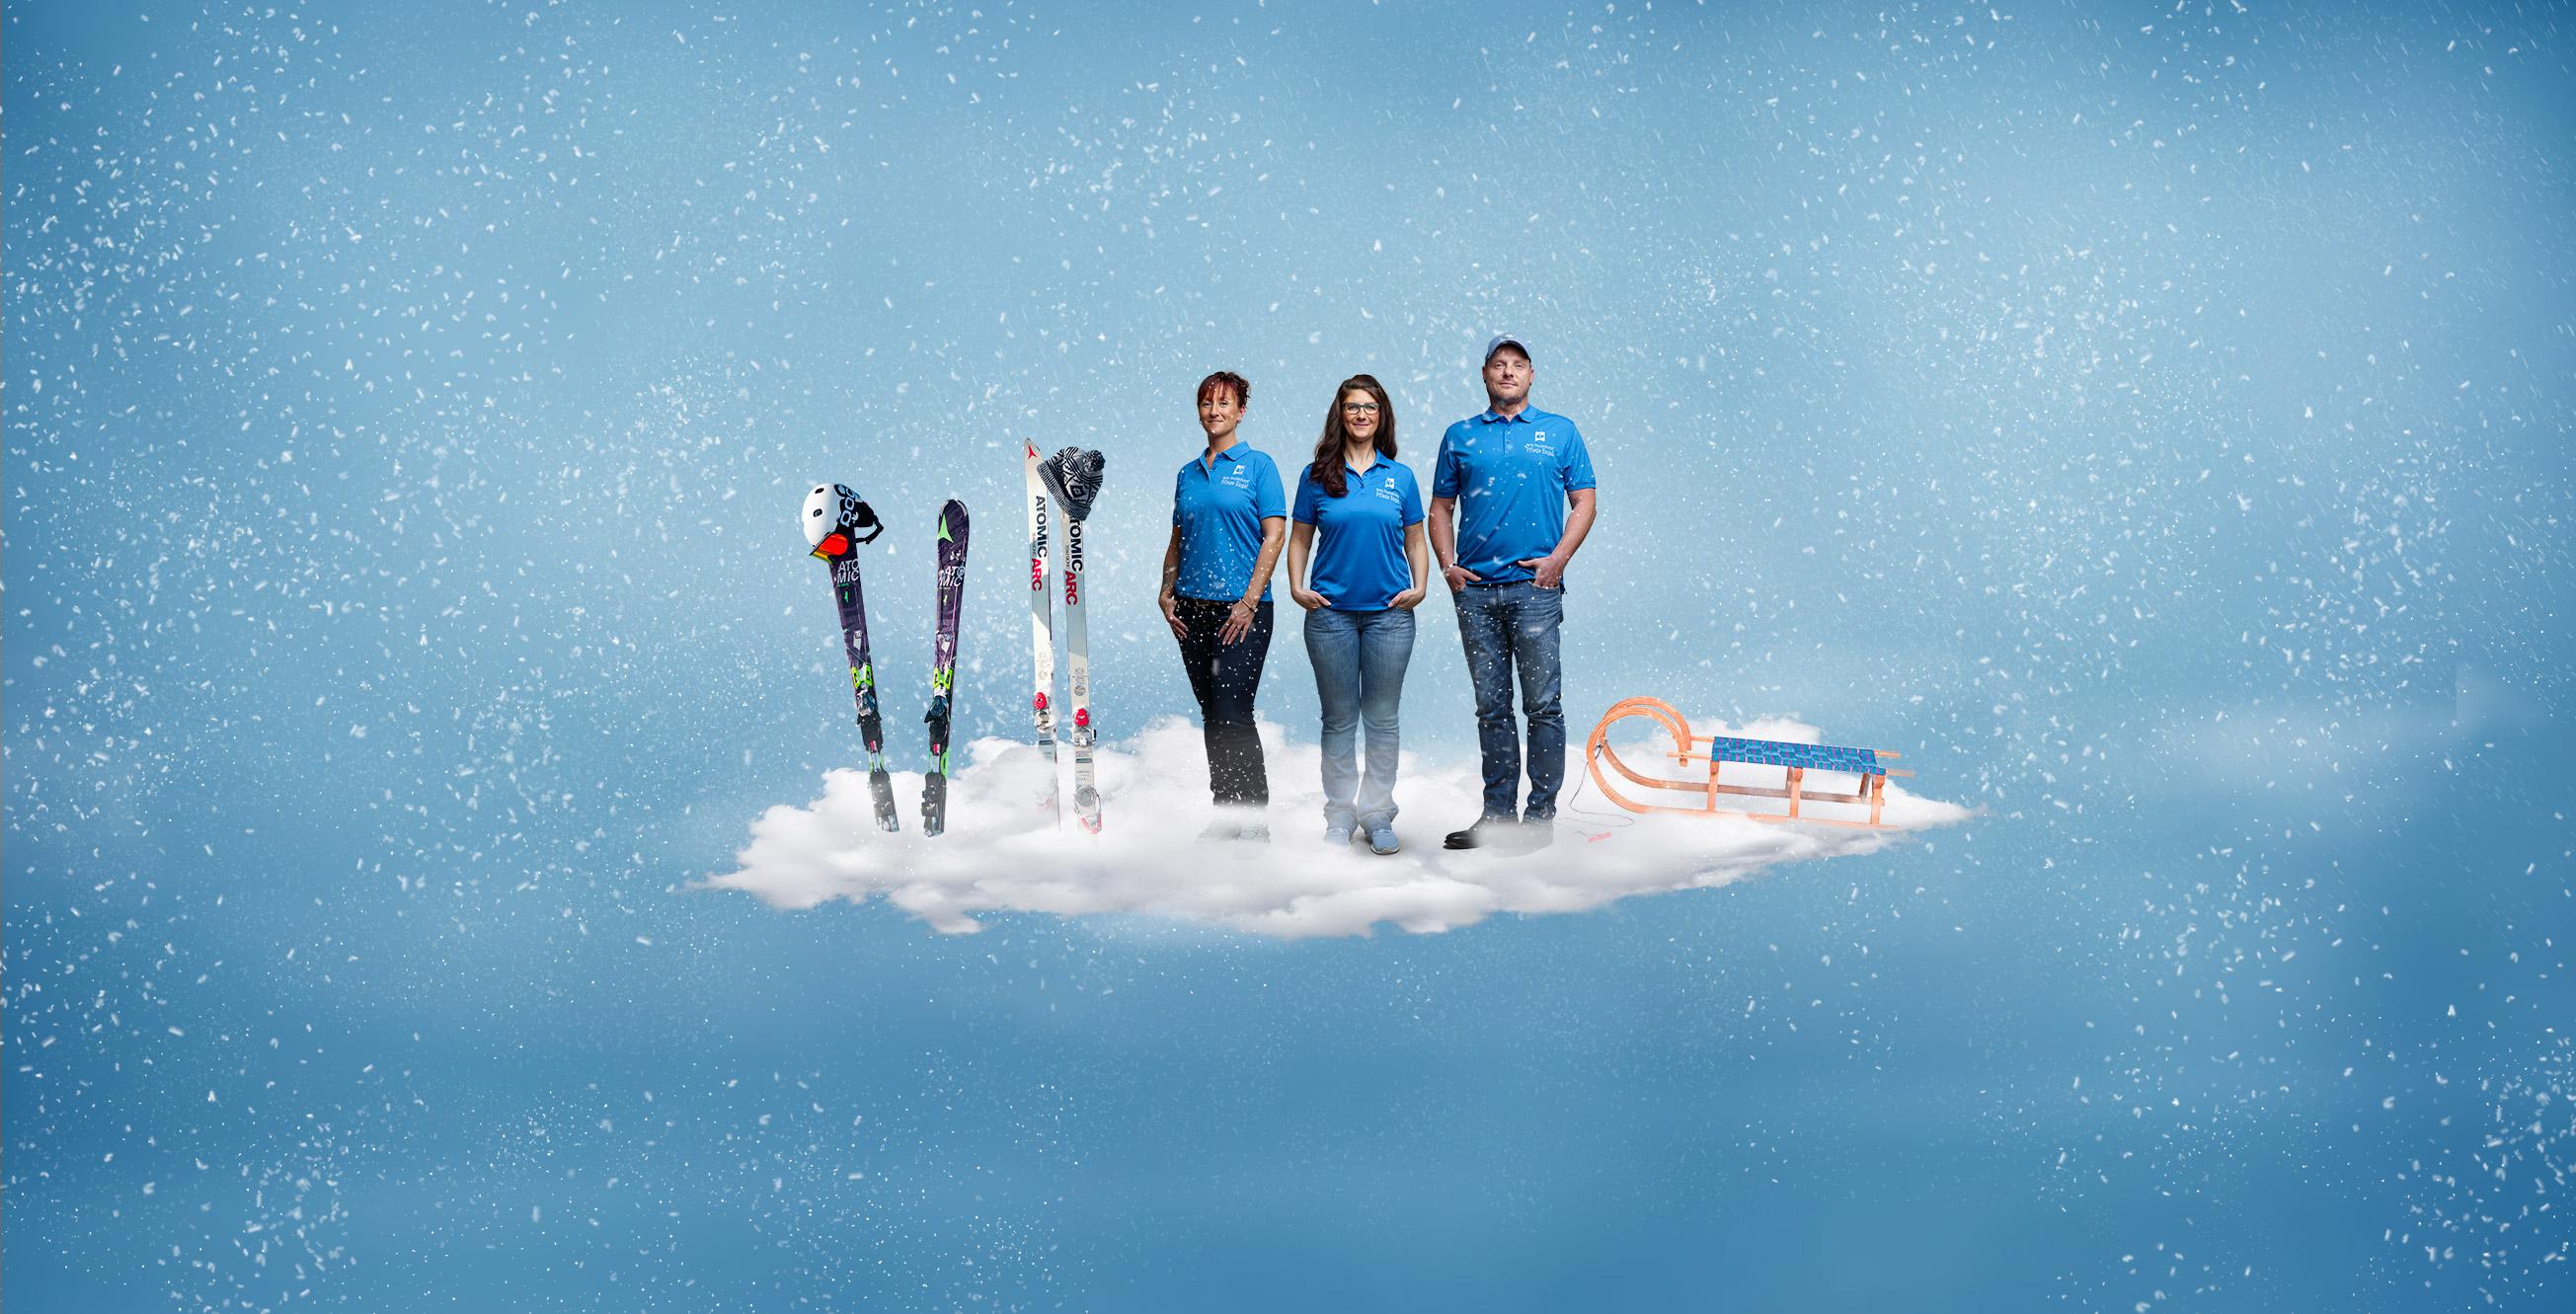 Wir wünschen euch tolle Winterferien!